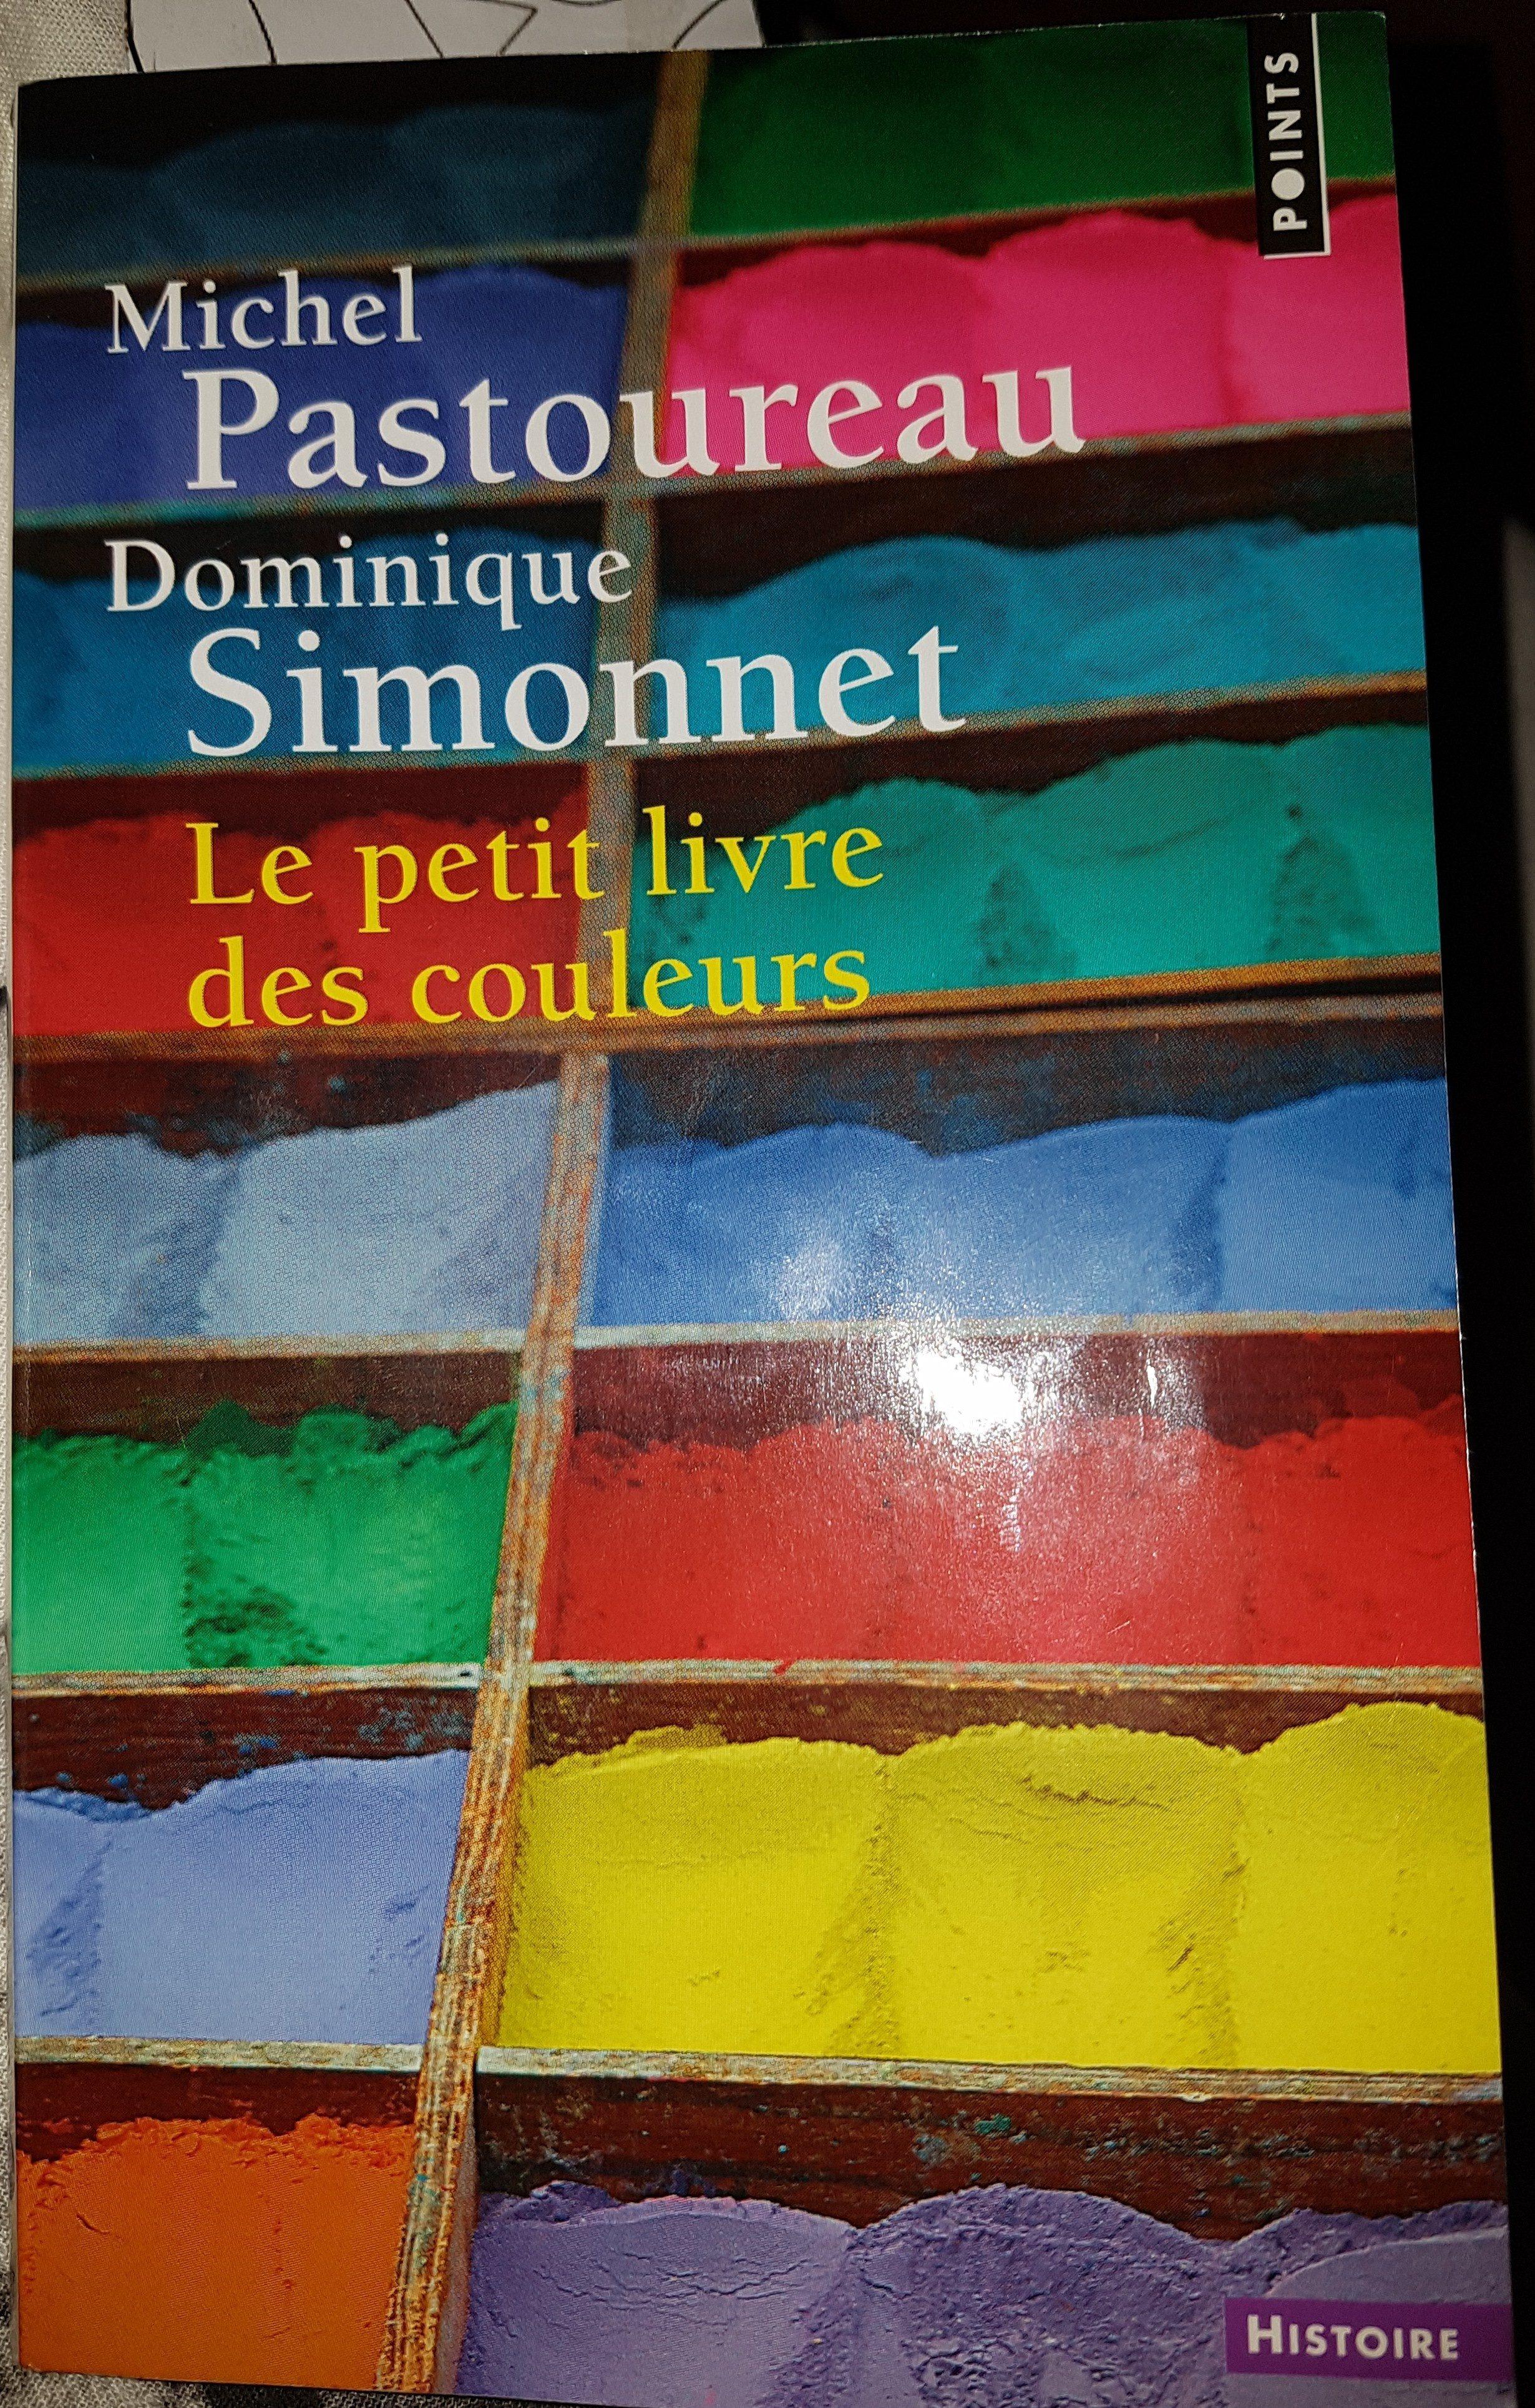 Le petit livre des couleurs de MICHEL PASTOUREAU - Product - fr